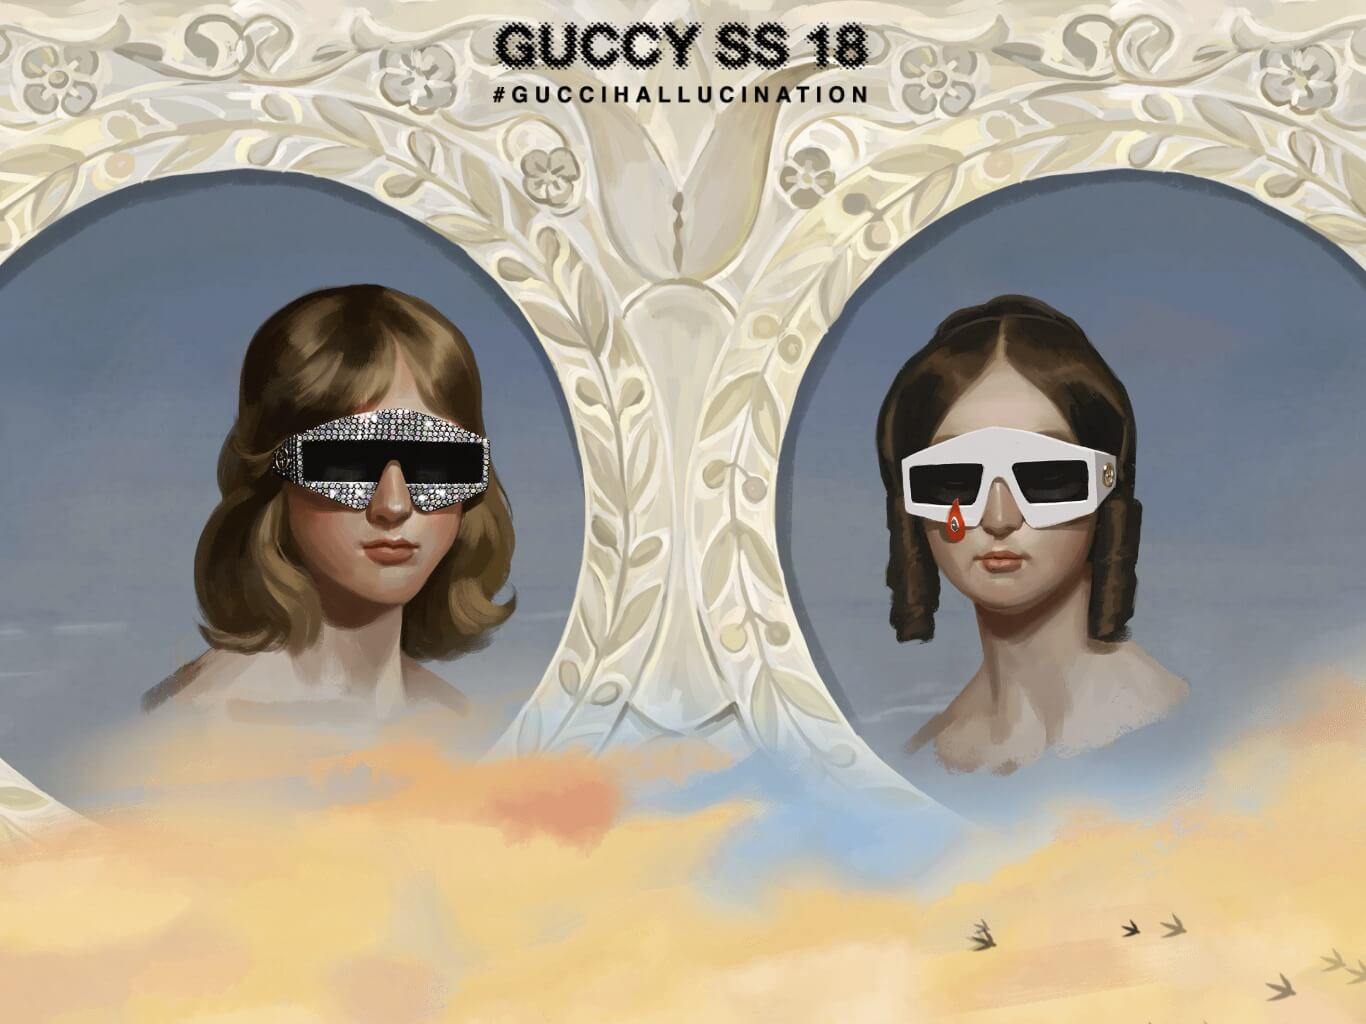 84f440083330 Gucci SS 18 / webデザイナーのためのギャラリー・サイトリンク集 / 1GUU